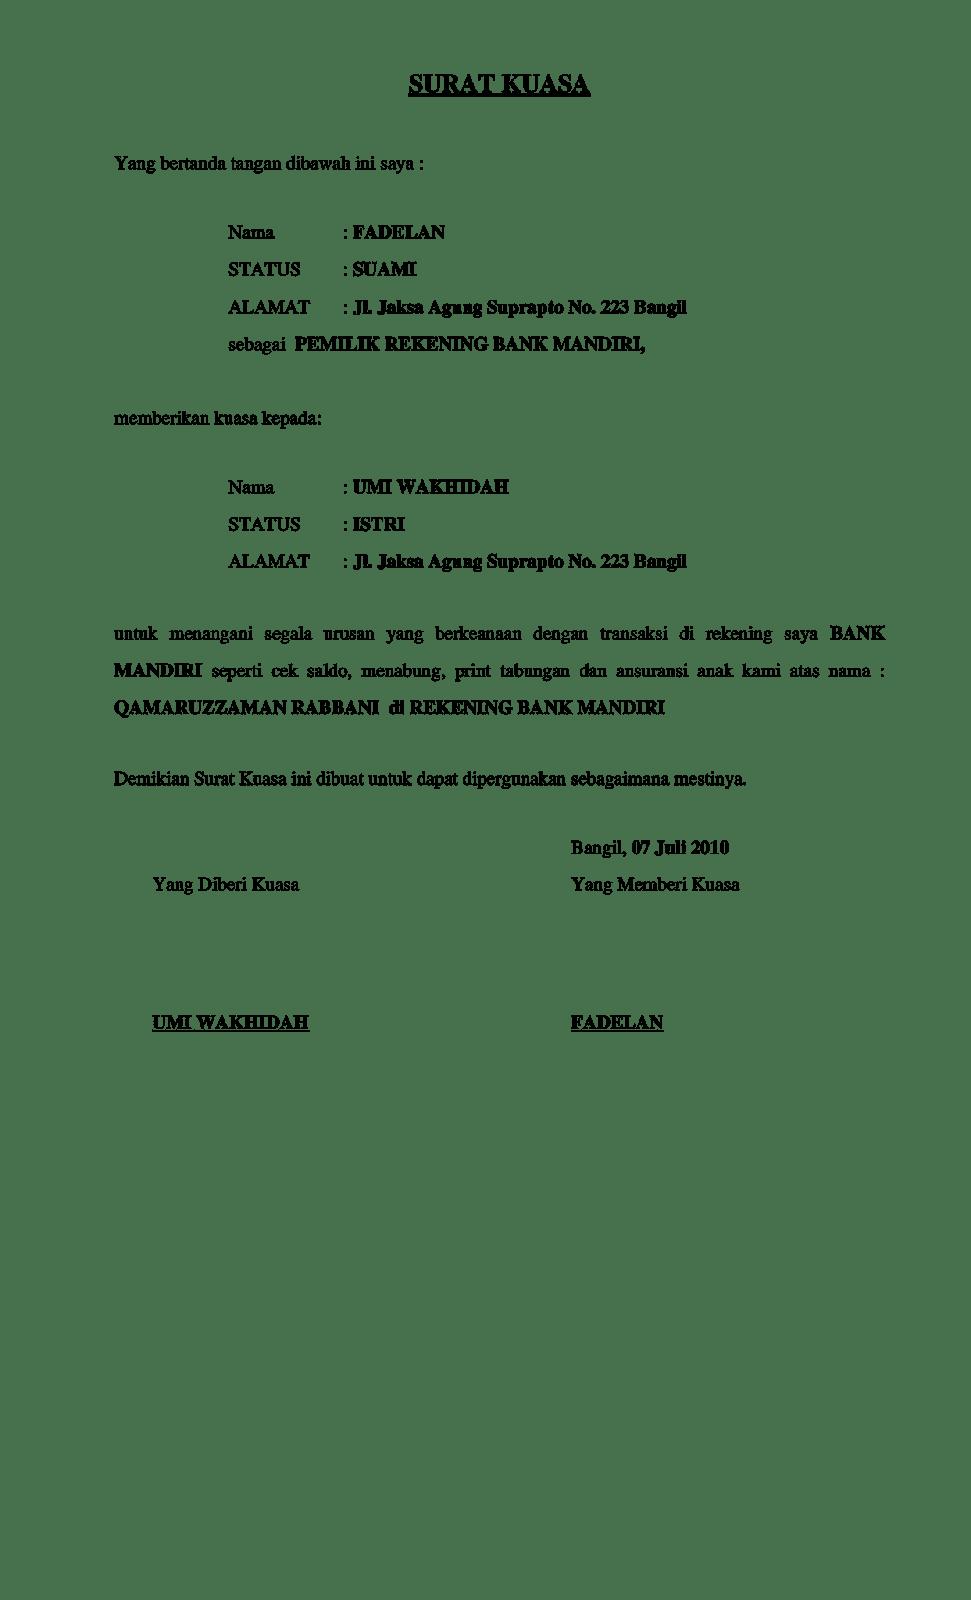 2. Contoh Surat Kuasa Rekening Bank